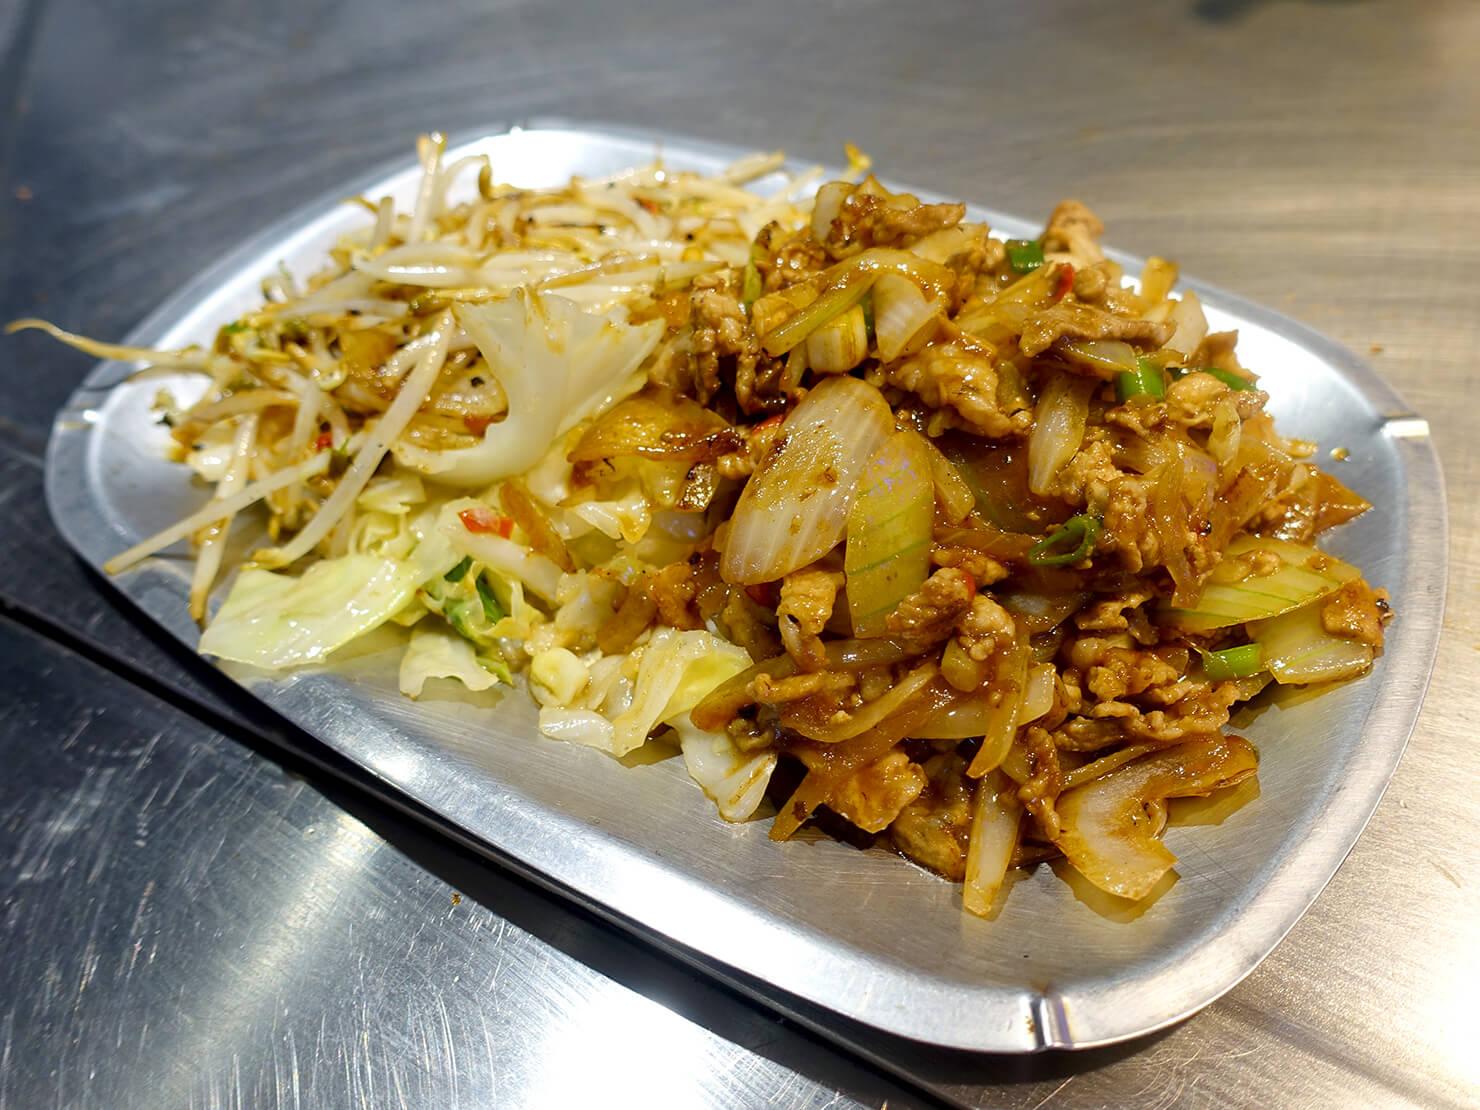 台北・公館夜市のおすすめグルメ店「喫尤平價鐵板燒」の豬肉片